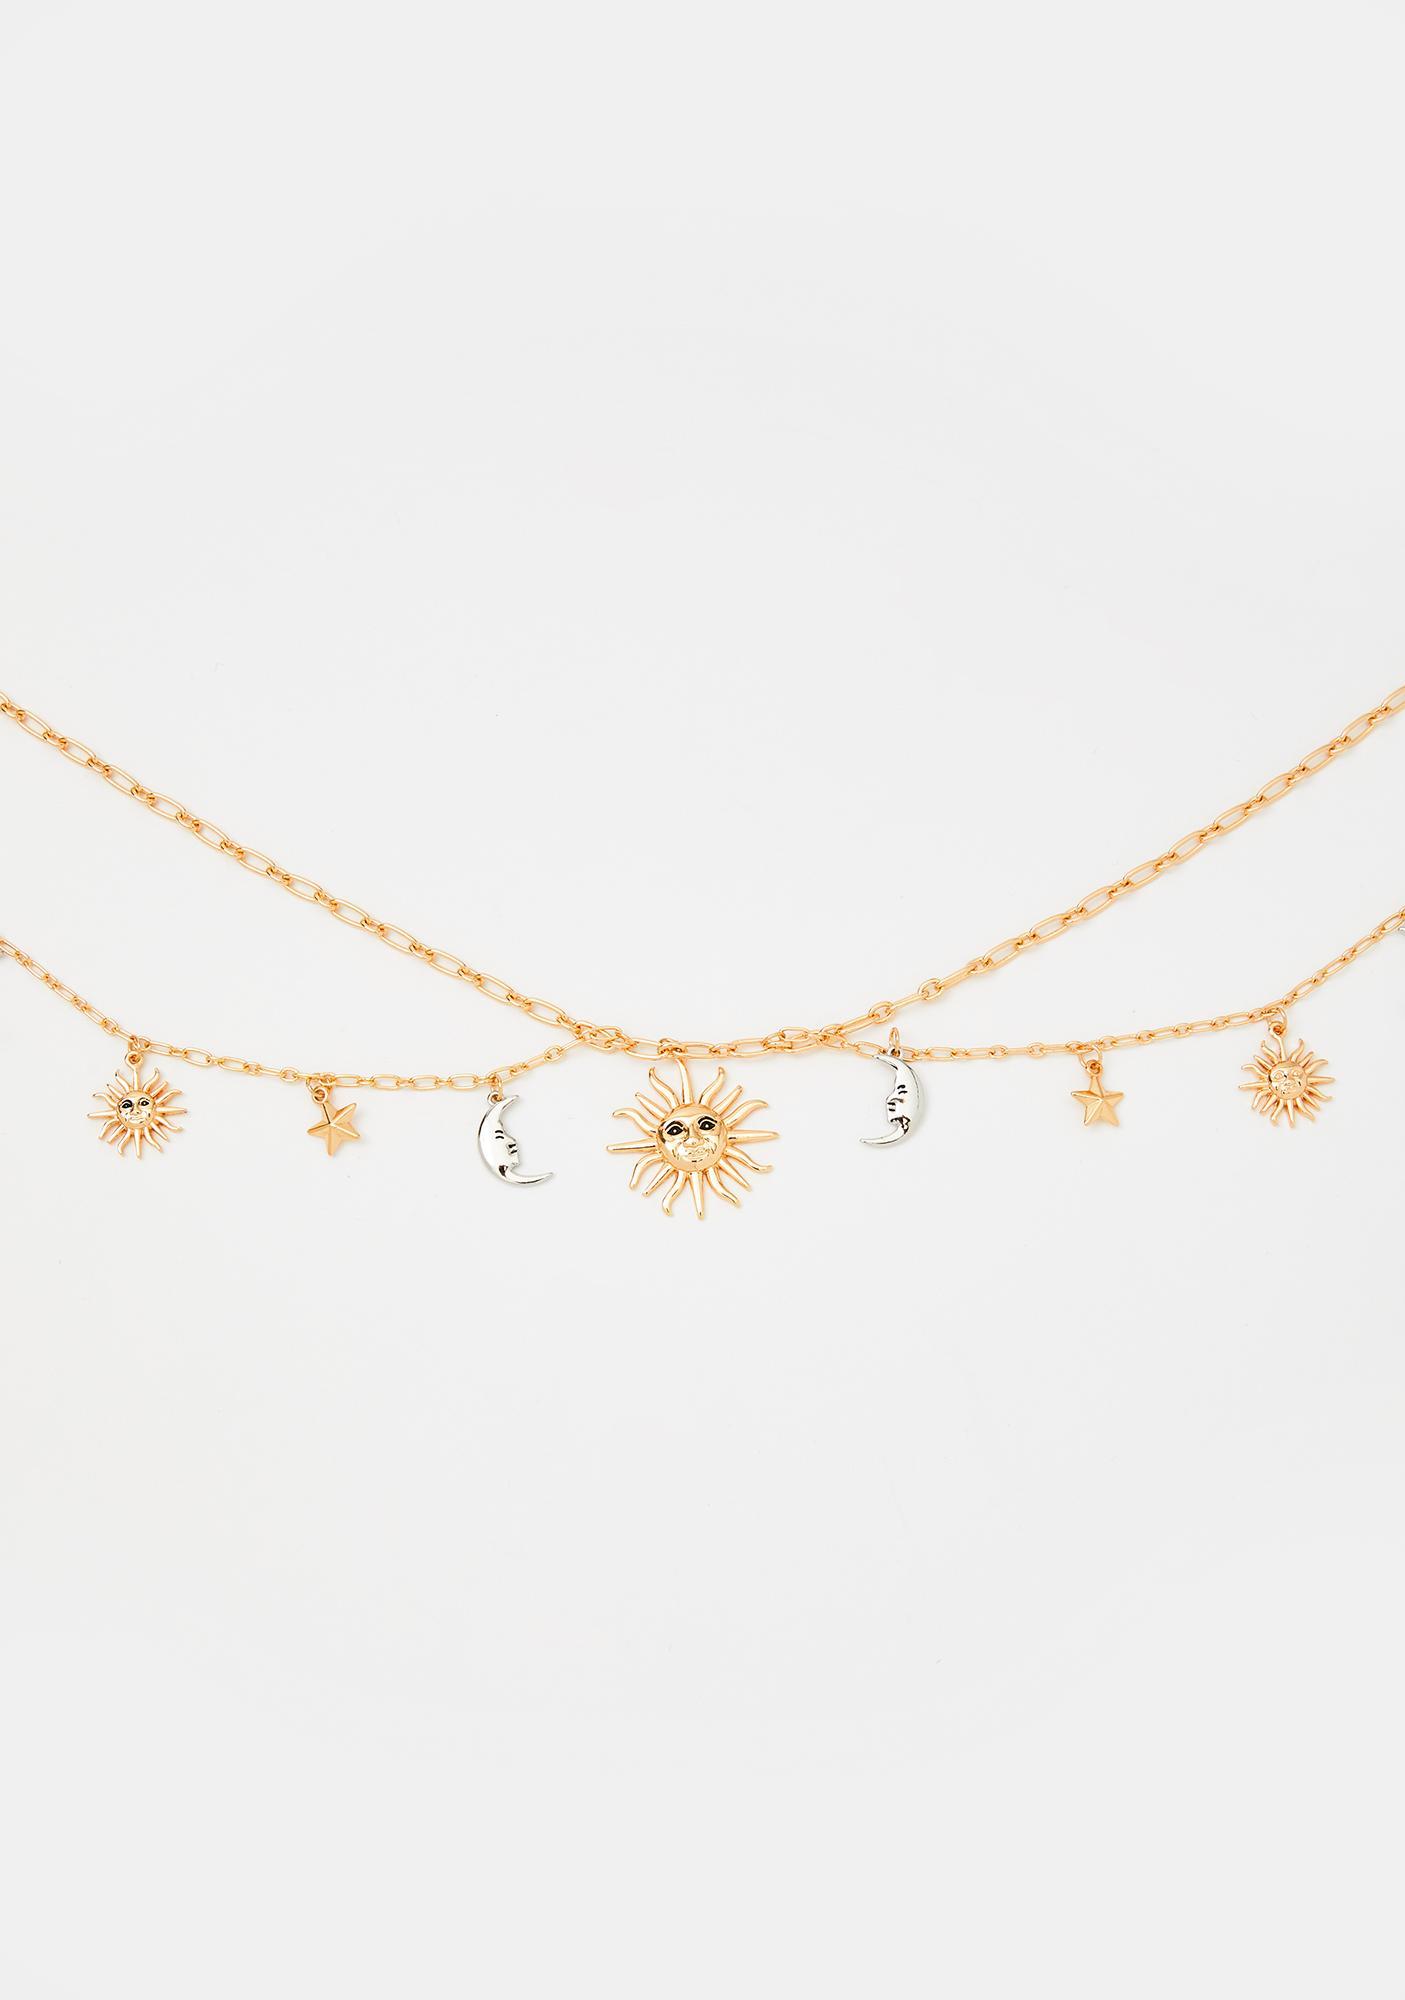 Gold Plaited Ladies Waist Chain Charm Fashion Belt 87